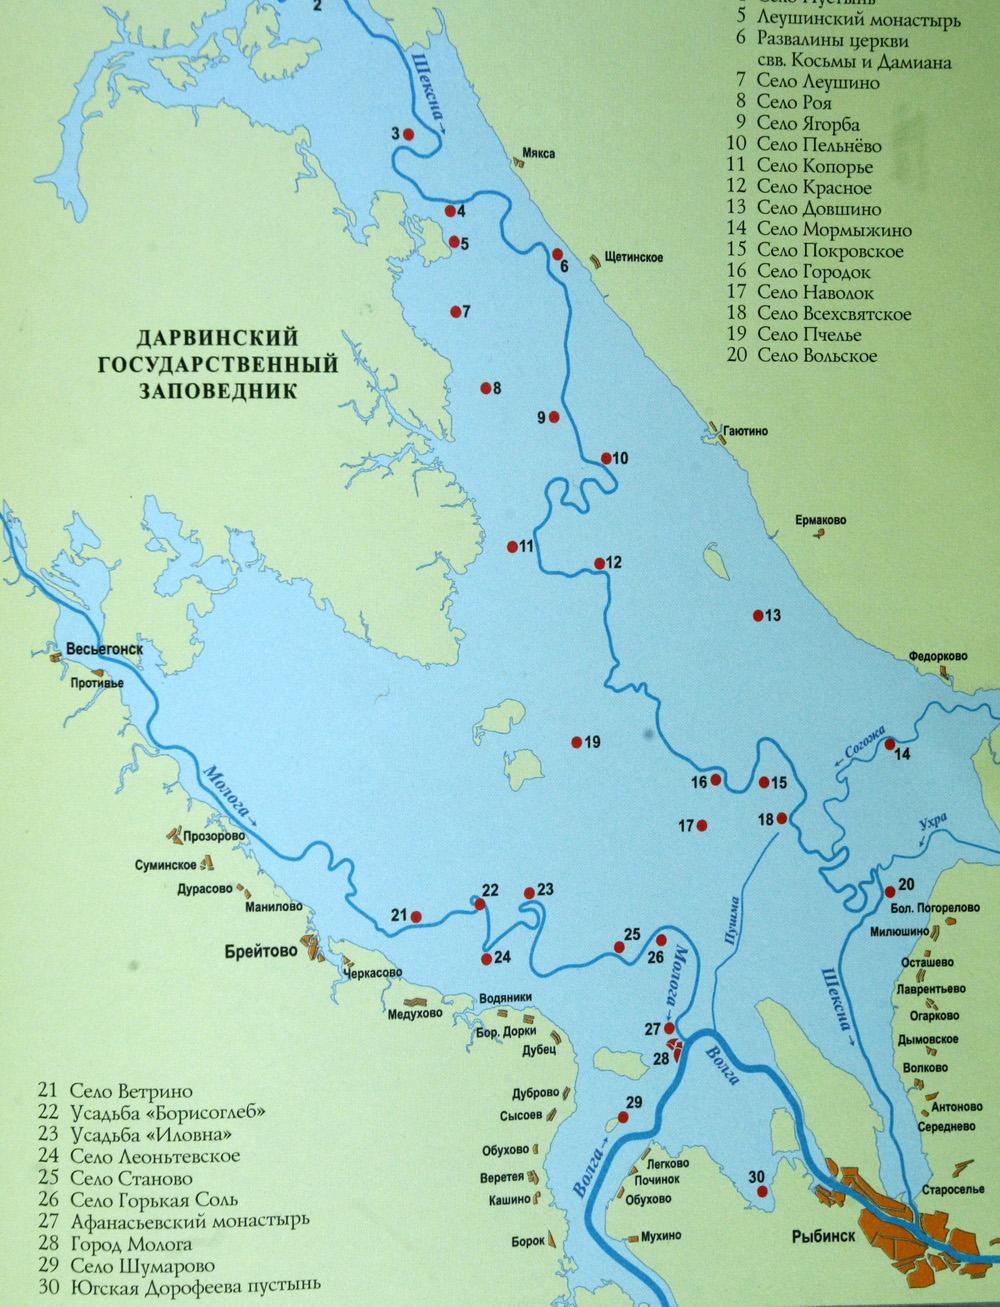 Карта Рыбинского водохранилища и затопленных городов